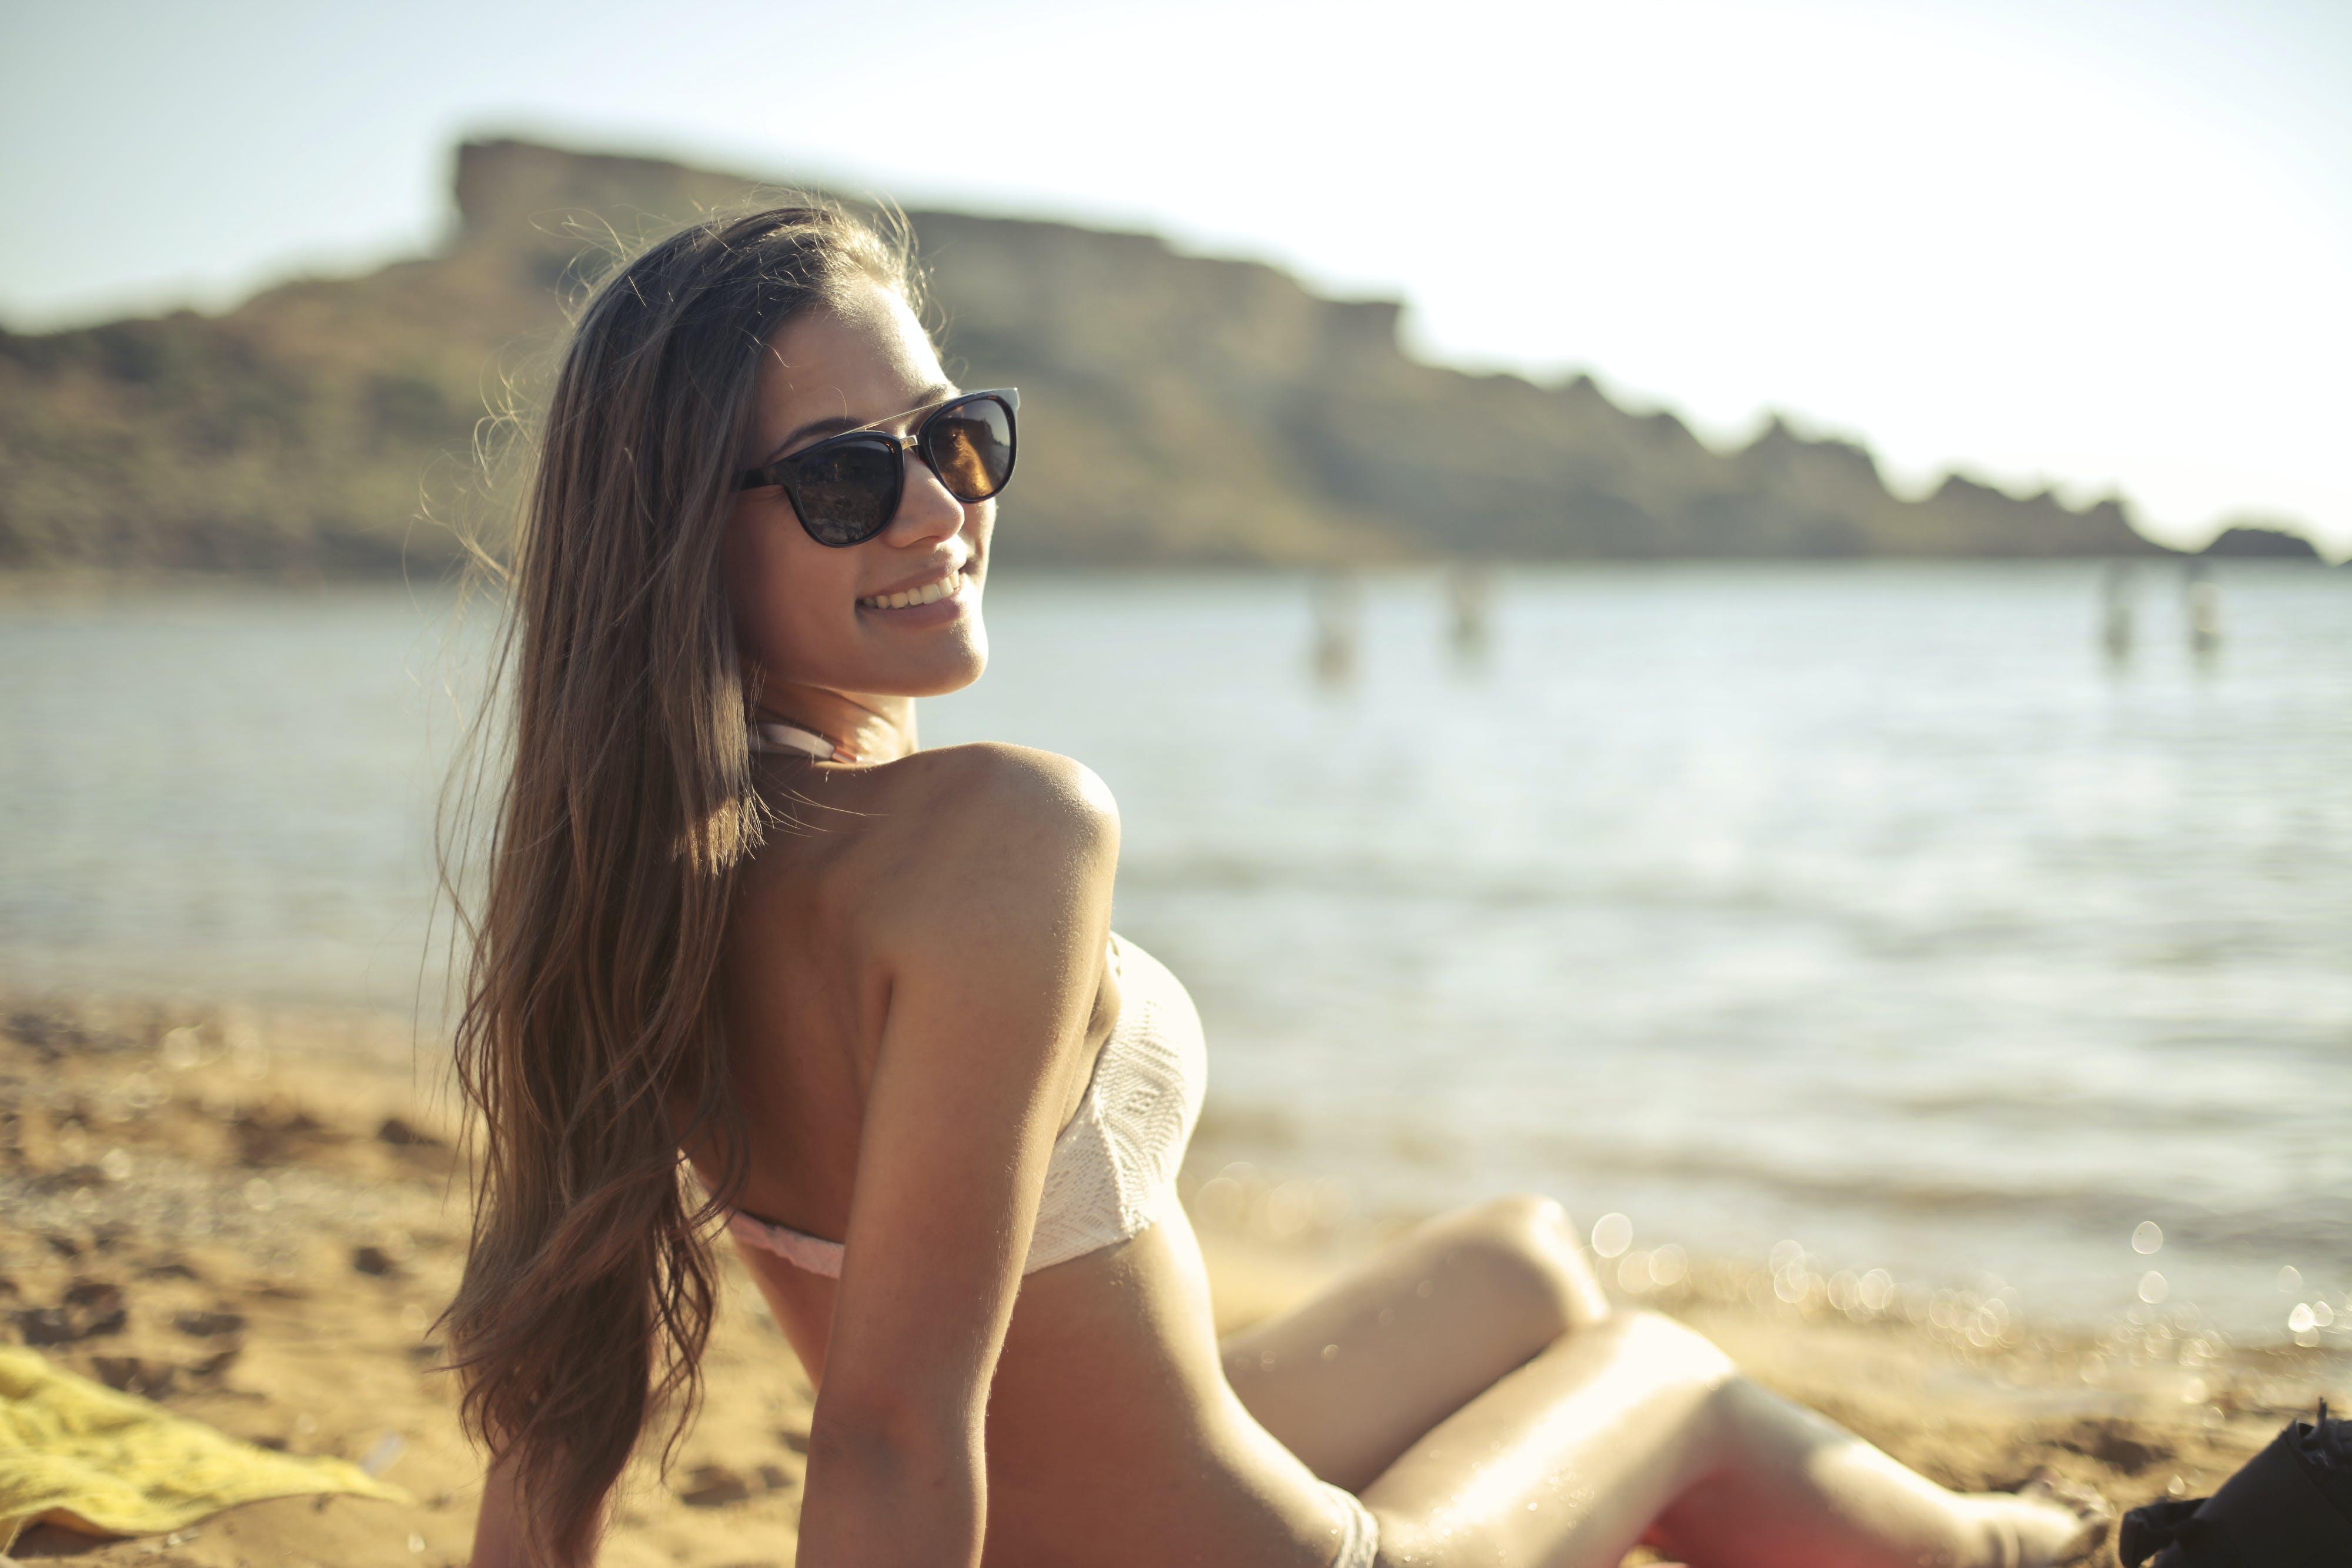 Δωρεάν στοκ φωτογραφιών με άμμος, αναψυχή, άνθρωπος, απόλαυση